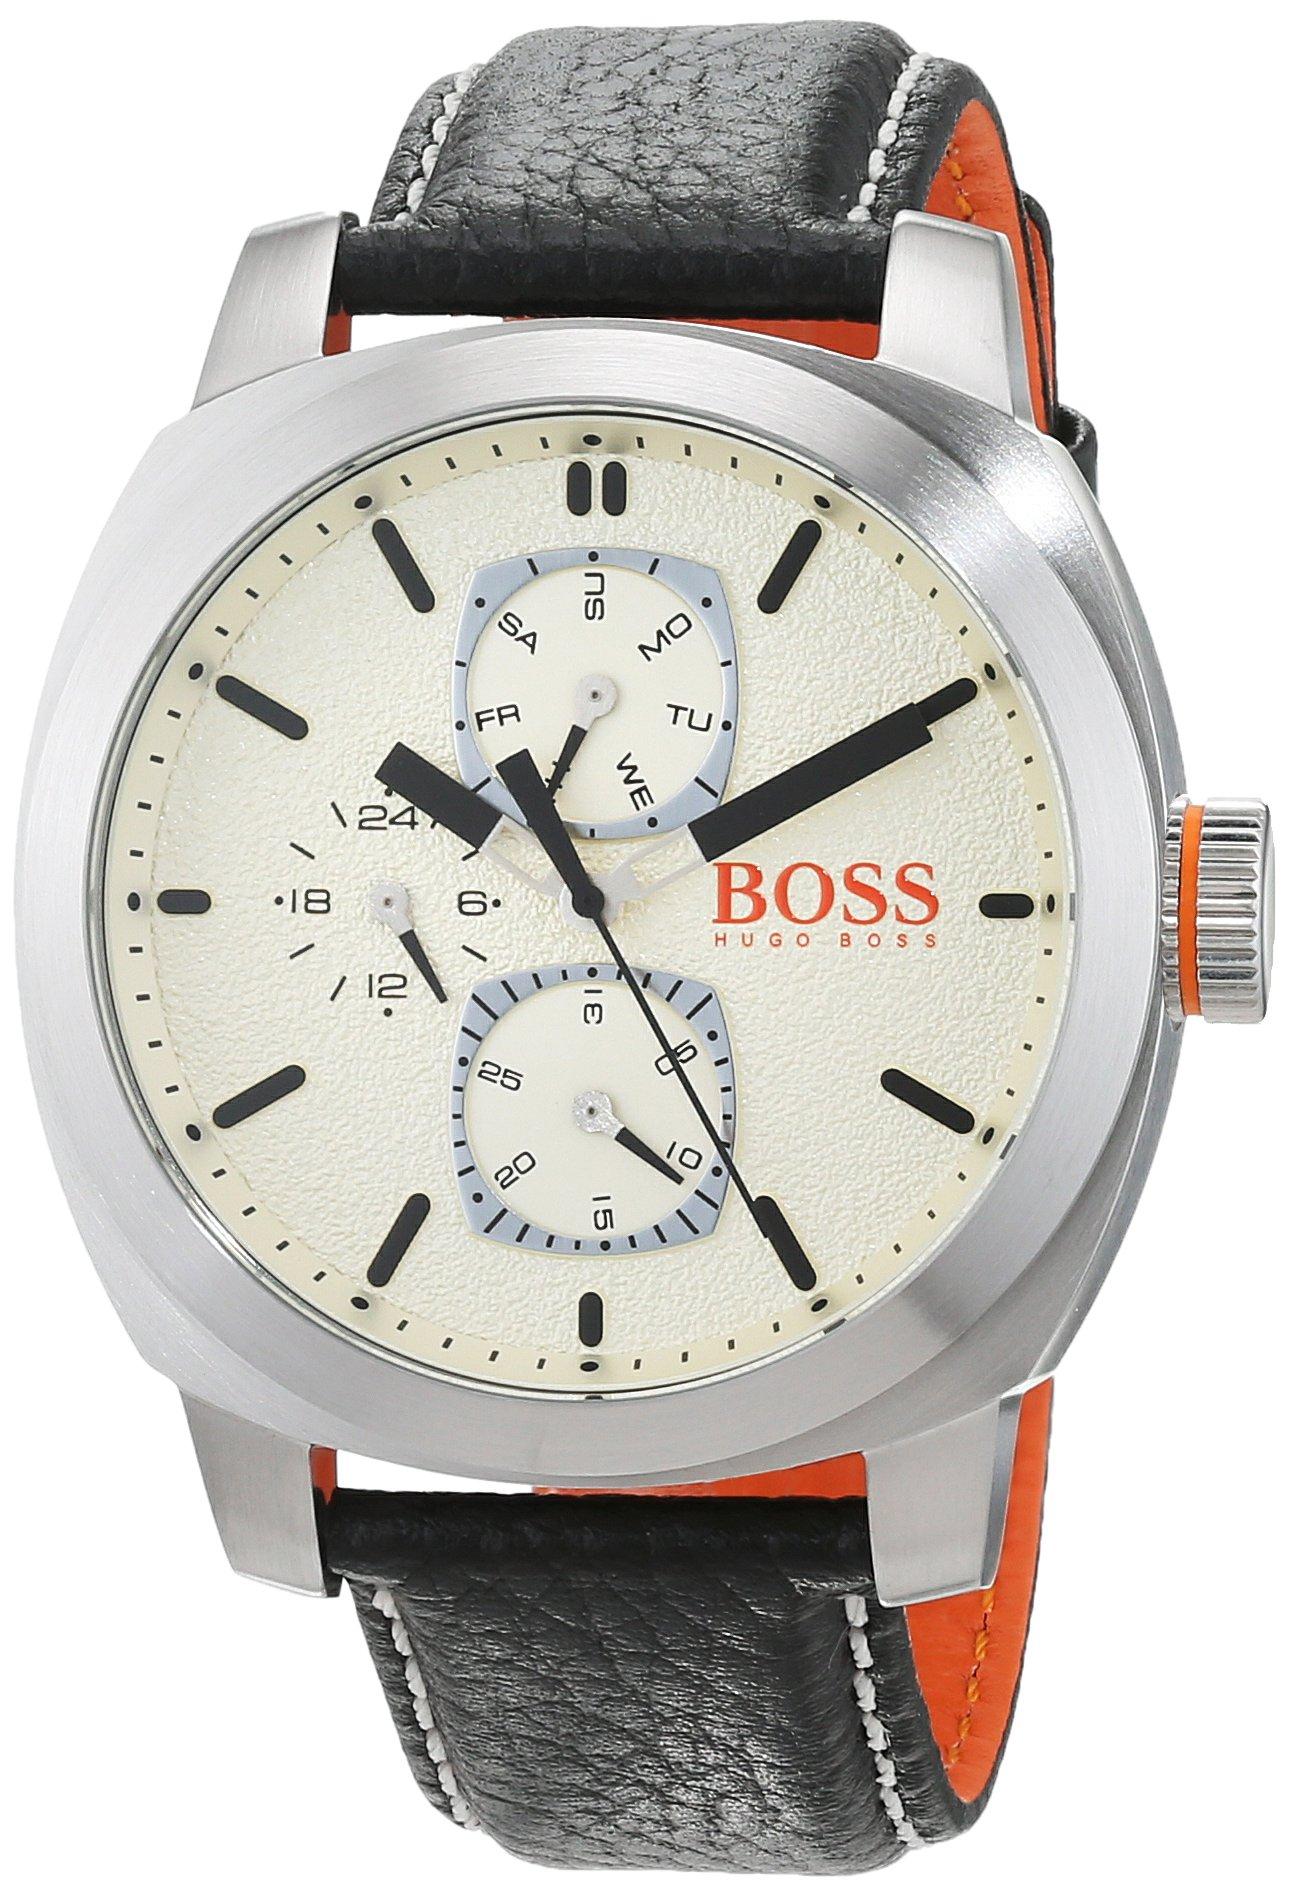 9e23d17941b1 chollocomponentes.wordpress.com - Reloj Hugo Boss por